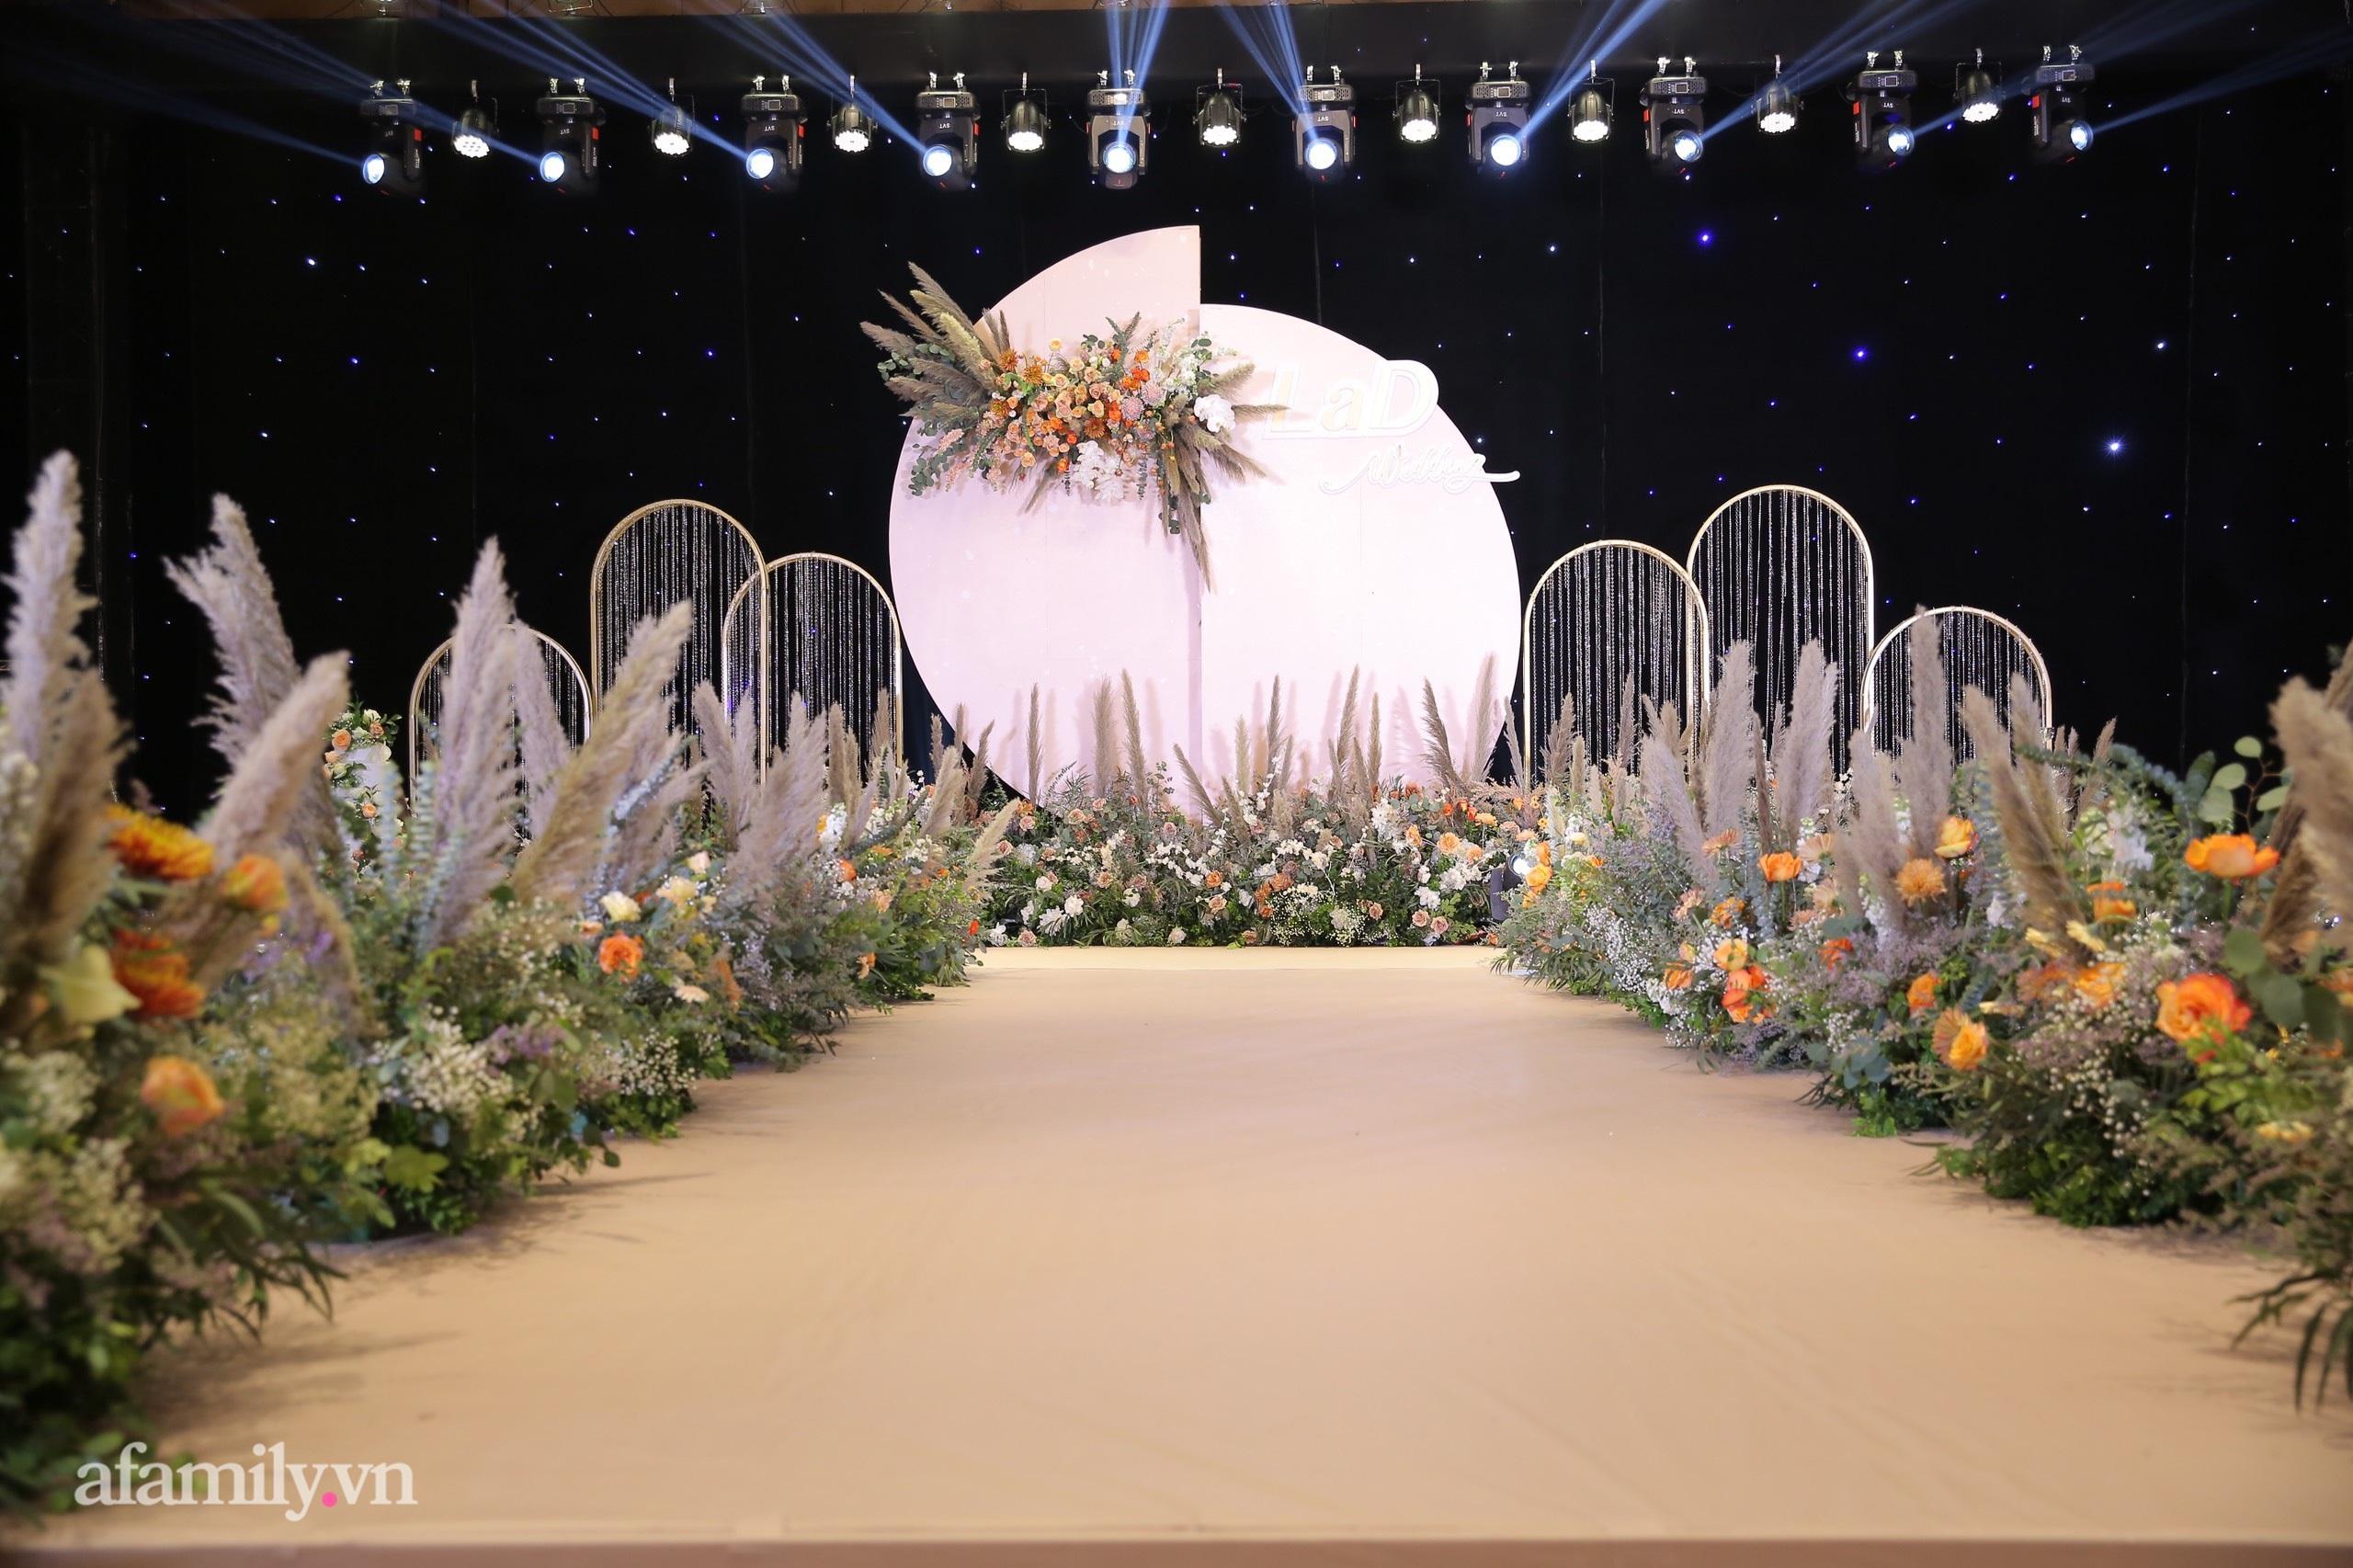 Cận cảnh chiếc váy cưới lấp lánh của vợ Bùi Tiến Dũng mặc trong hôn lễ ở Hà Nội, thêm 2 khu sân khấu cả ngoài trời - trong nhà cũng đều rất hoành tráng-2